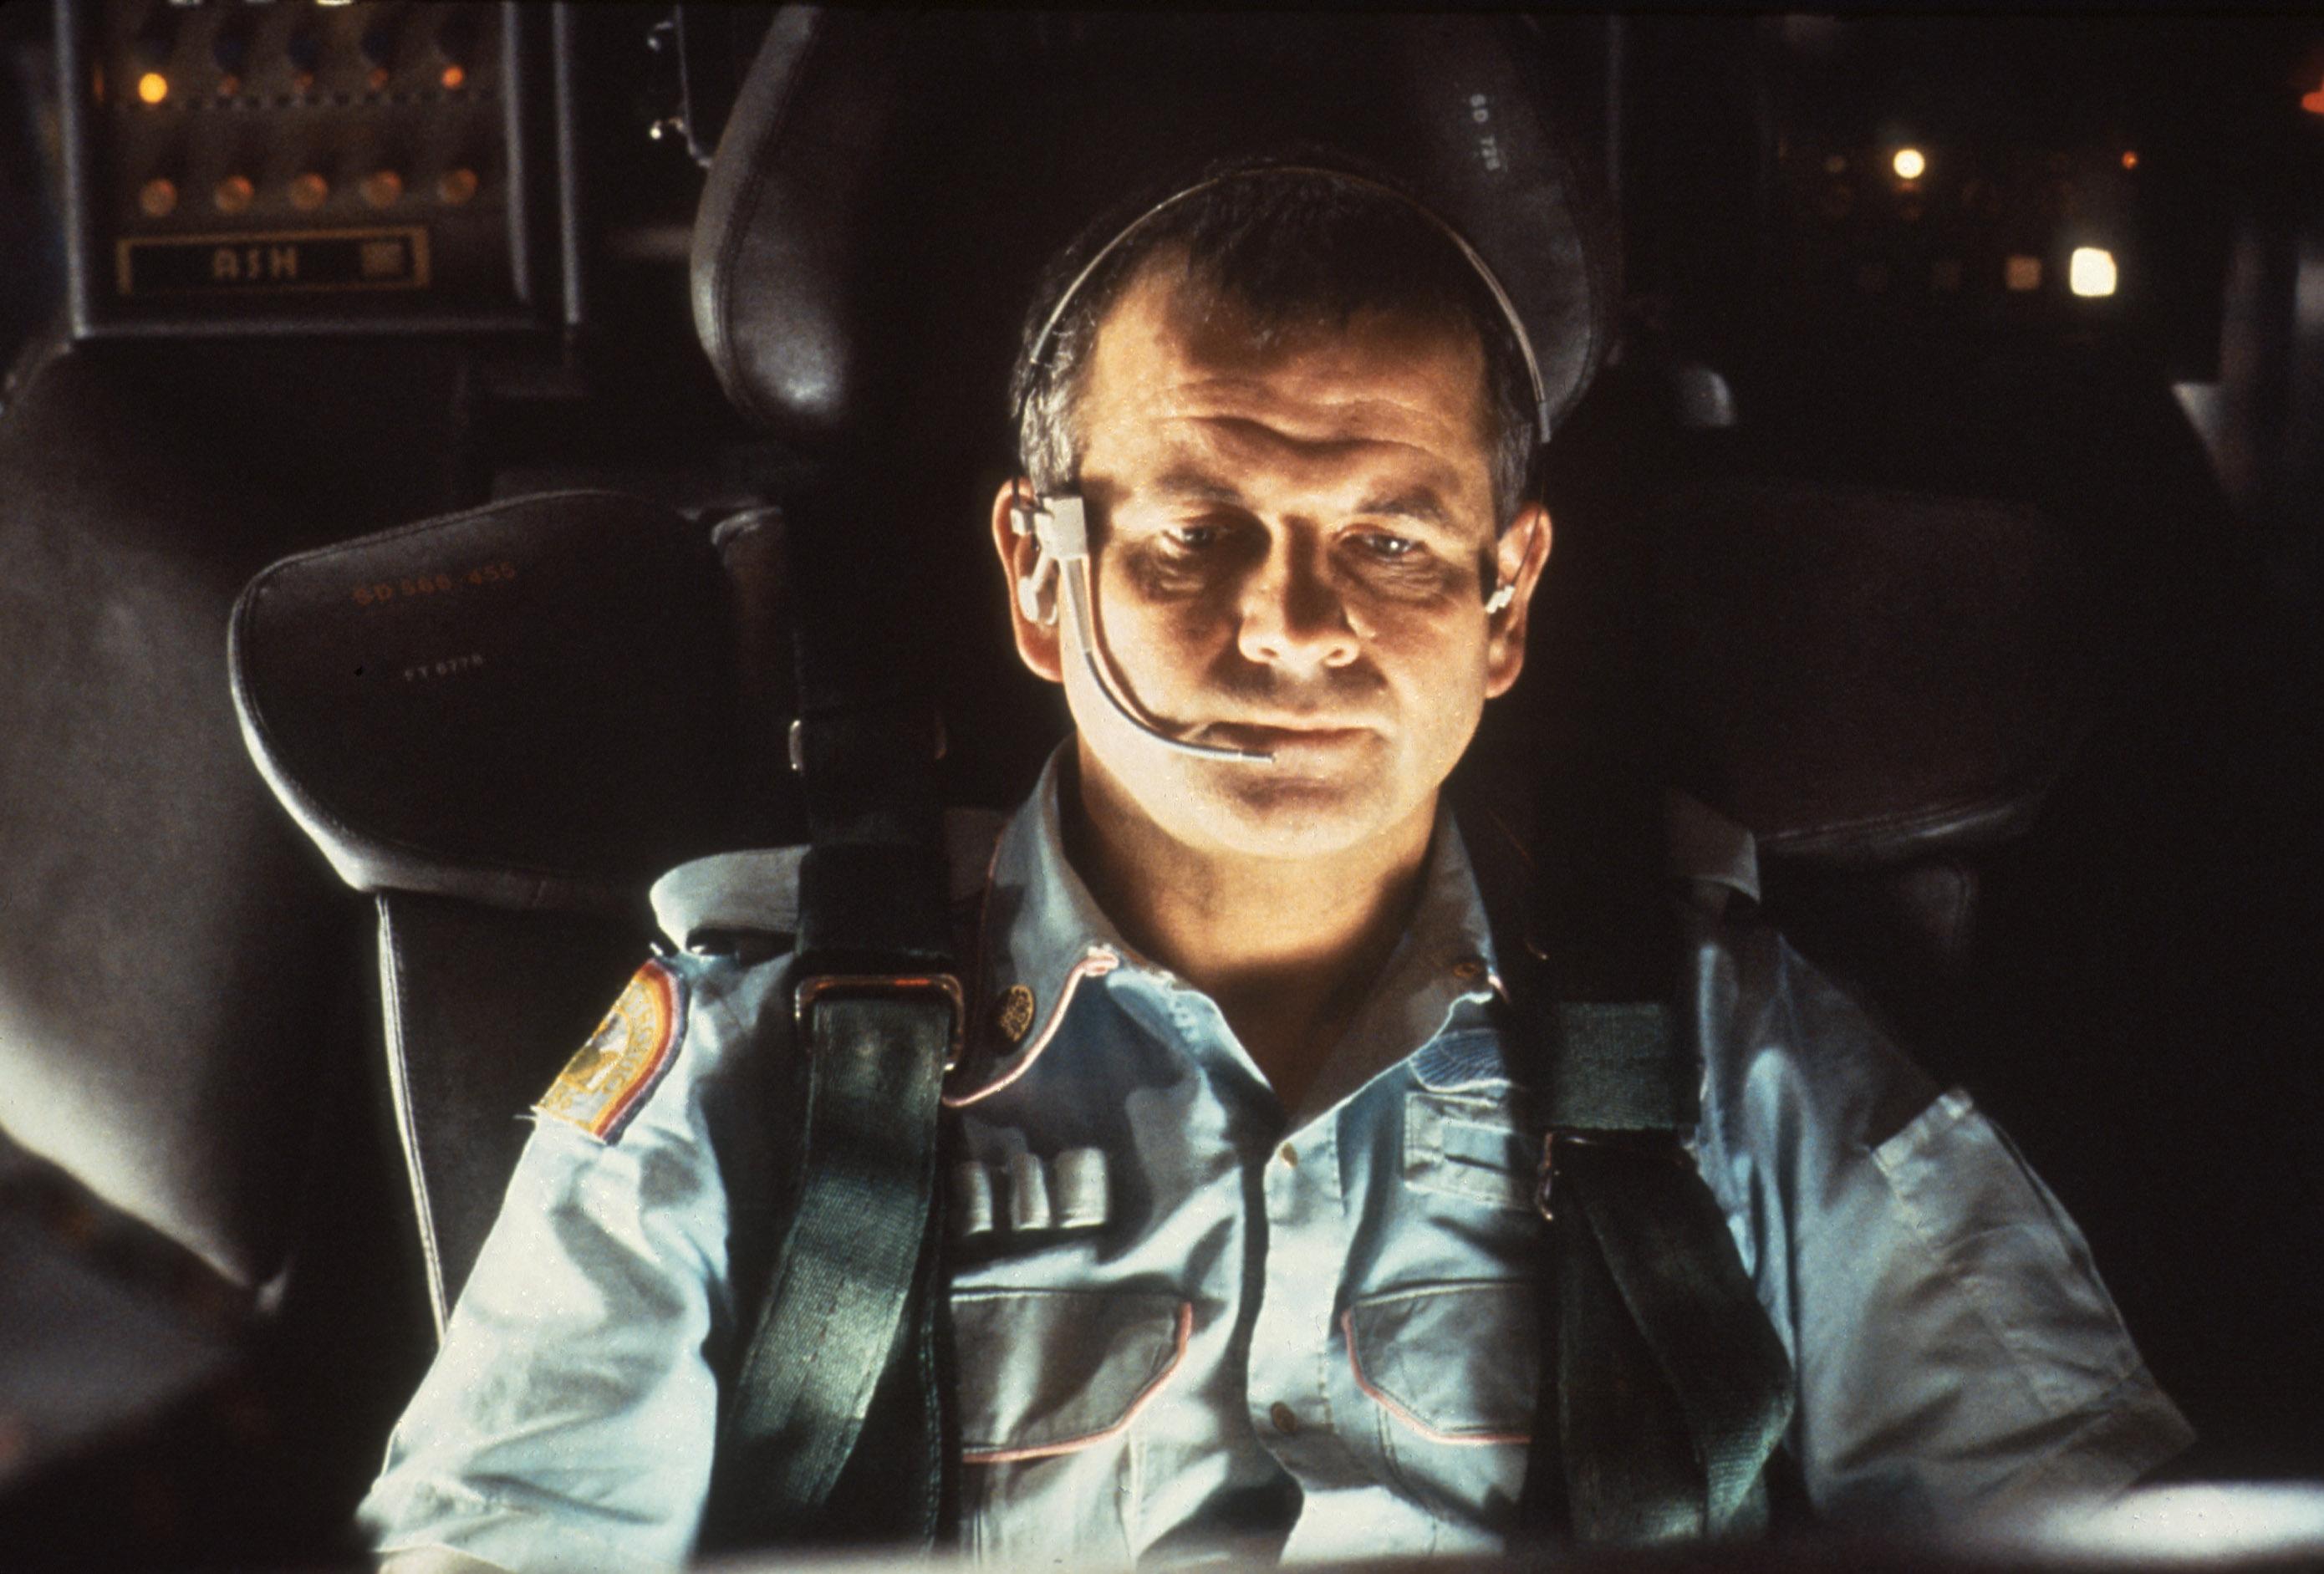 Elhunyt a Tűzszekerekből, a Nyolcadik utasból és a Gyűrűk ura trilógiából ismert Ian Holm